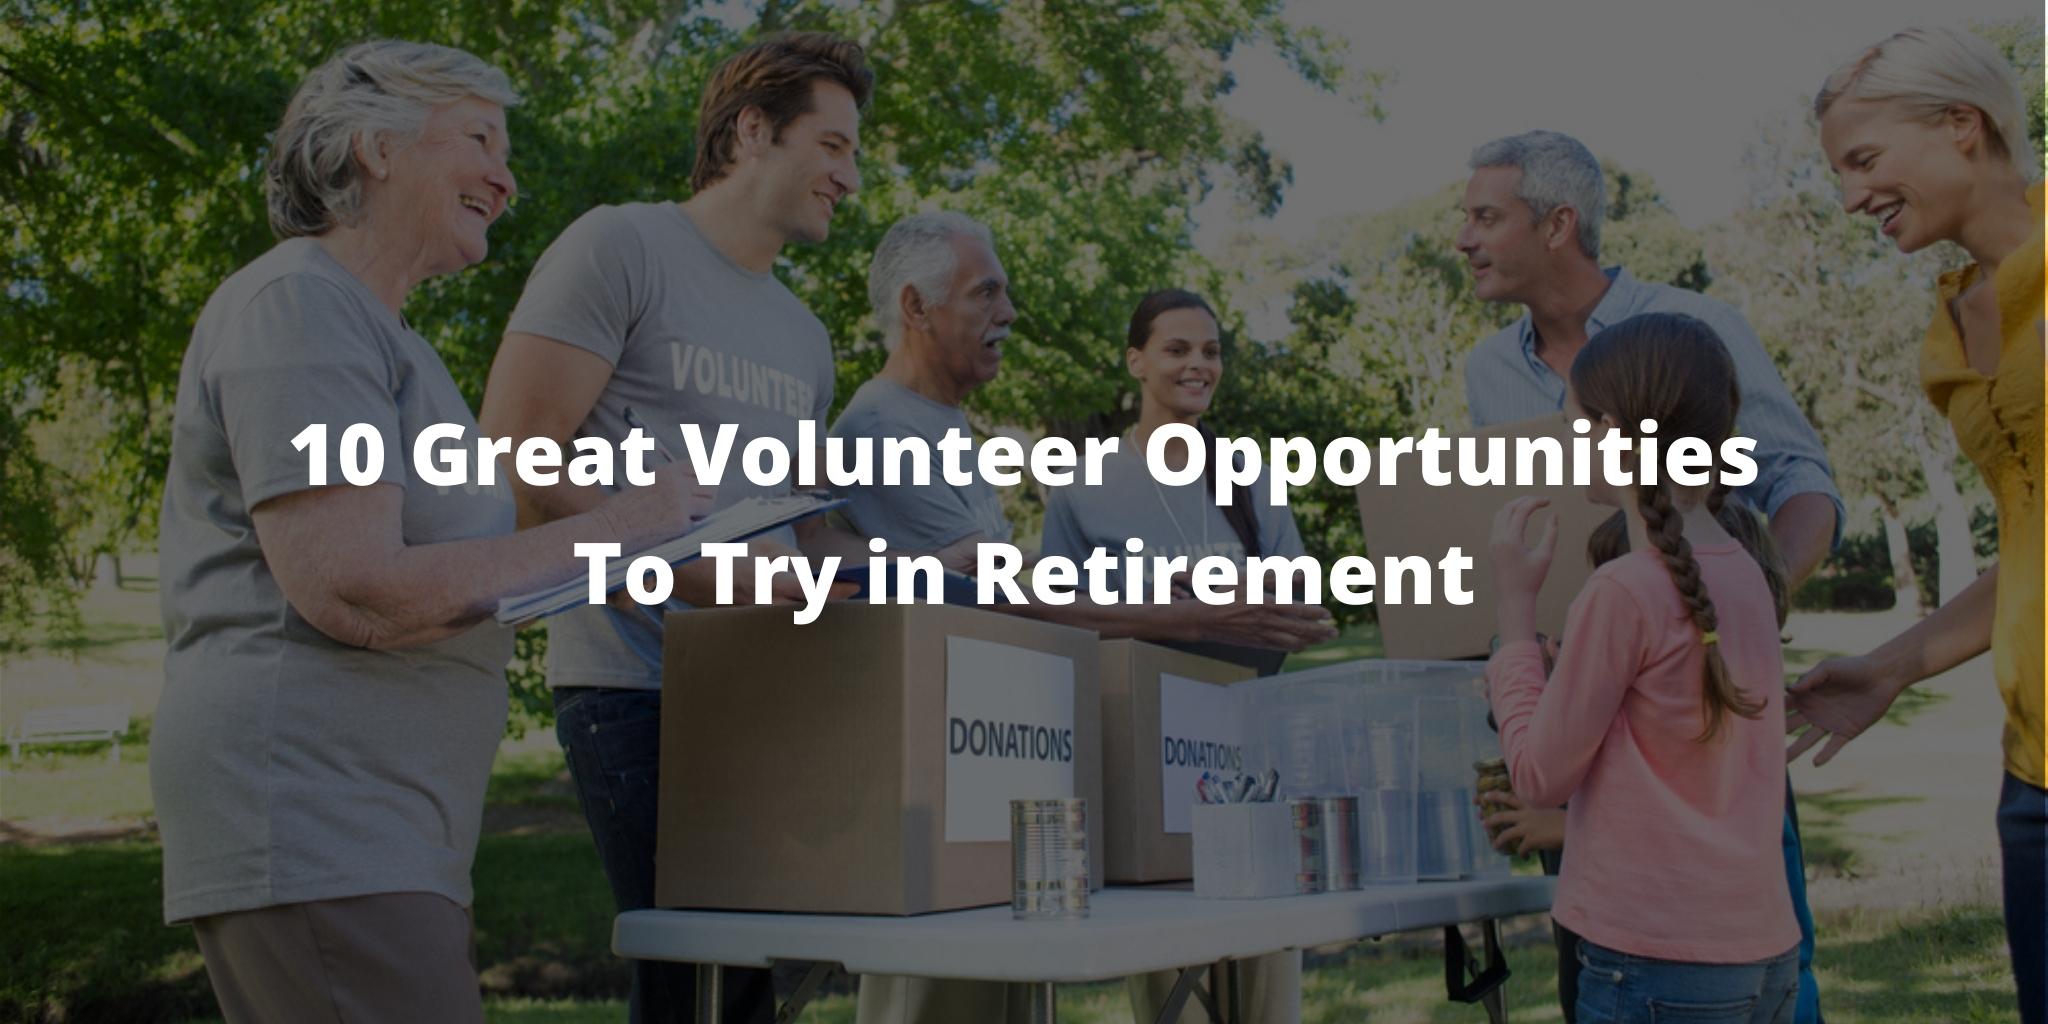 10 Great Volunteer Opportunities To Try in Retirement